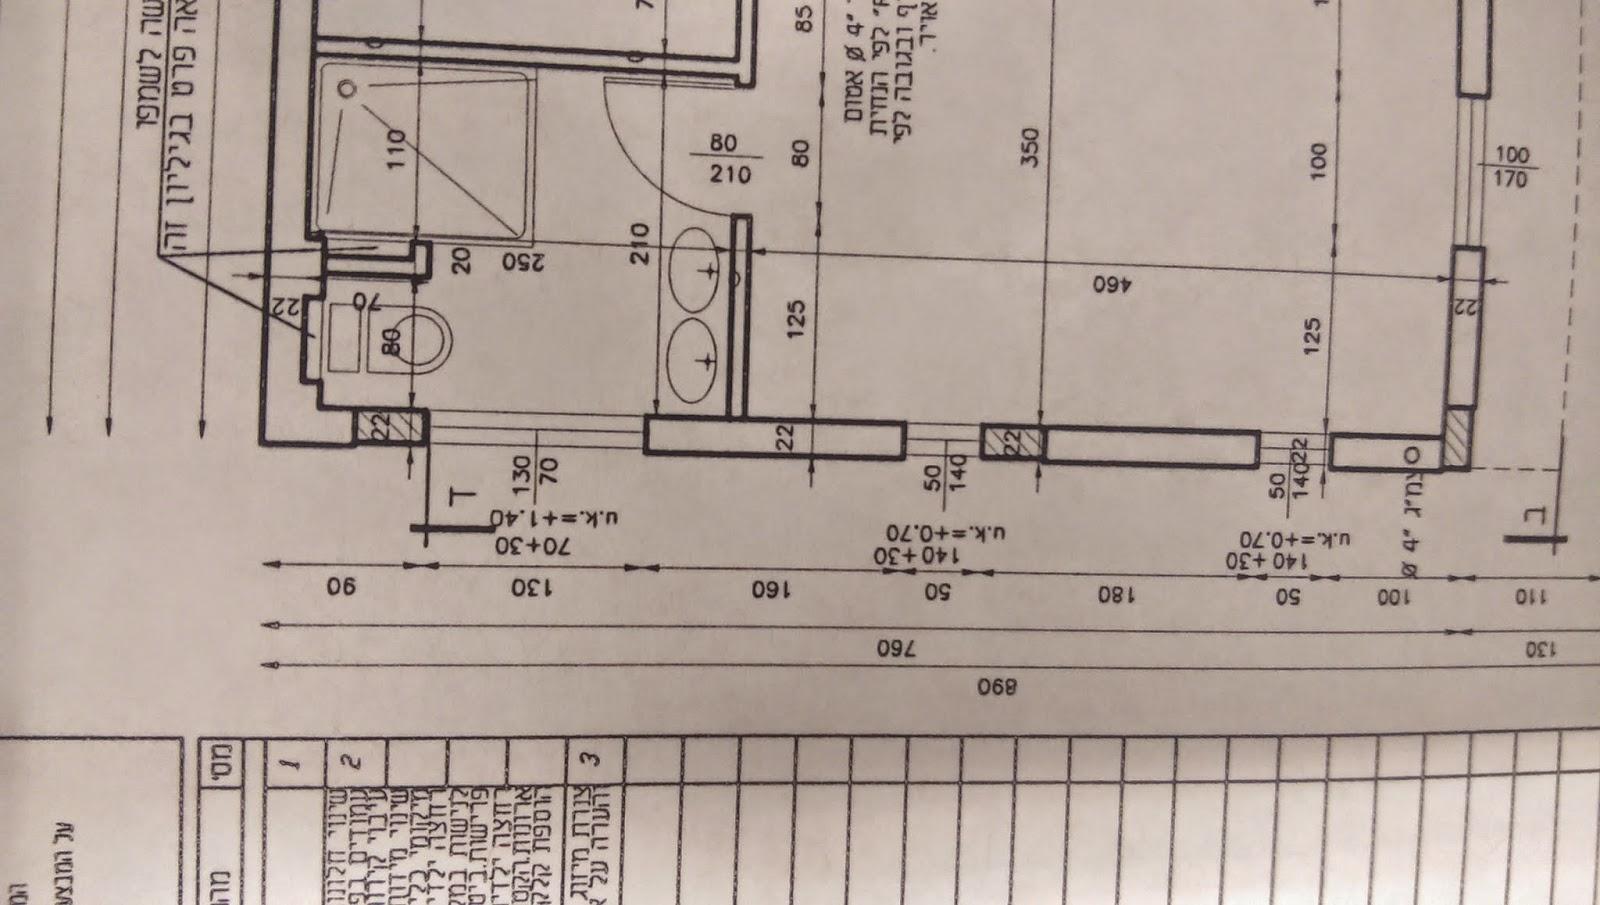 תוכנית אדריכלית- חלונות ונישות